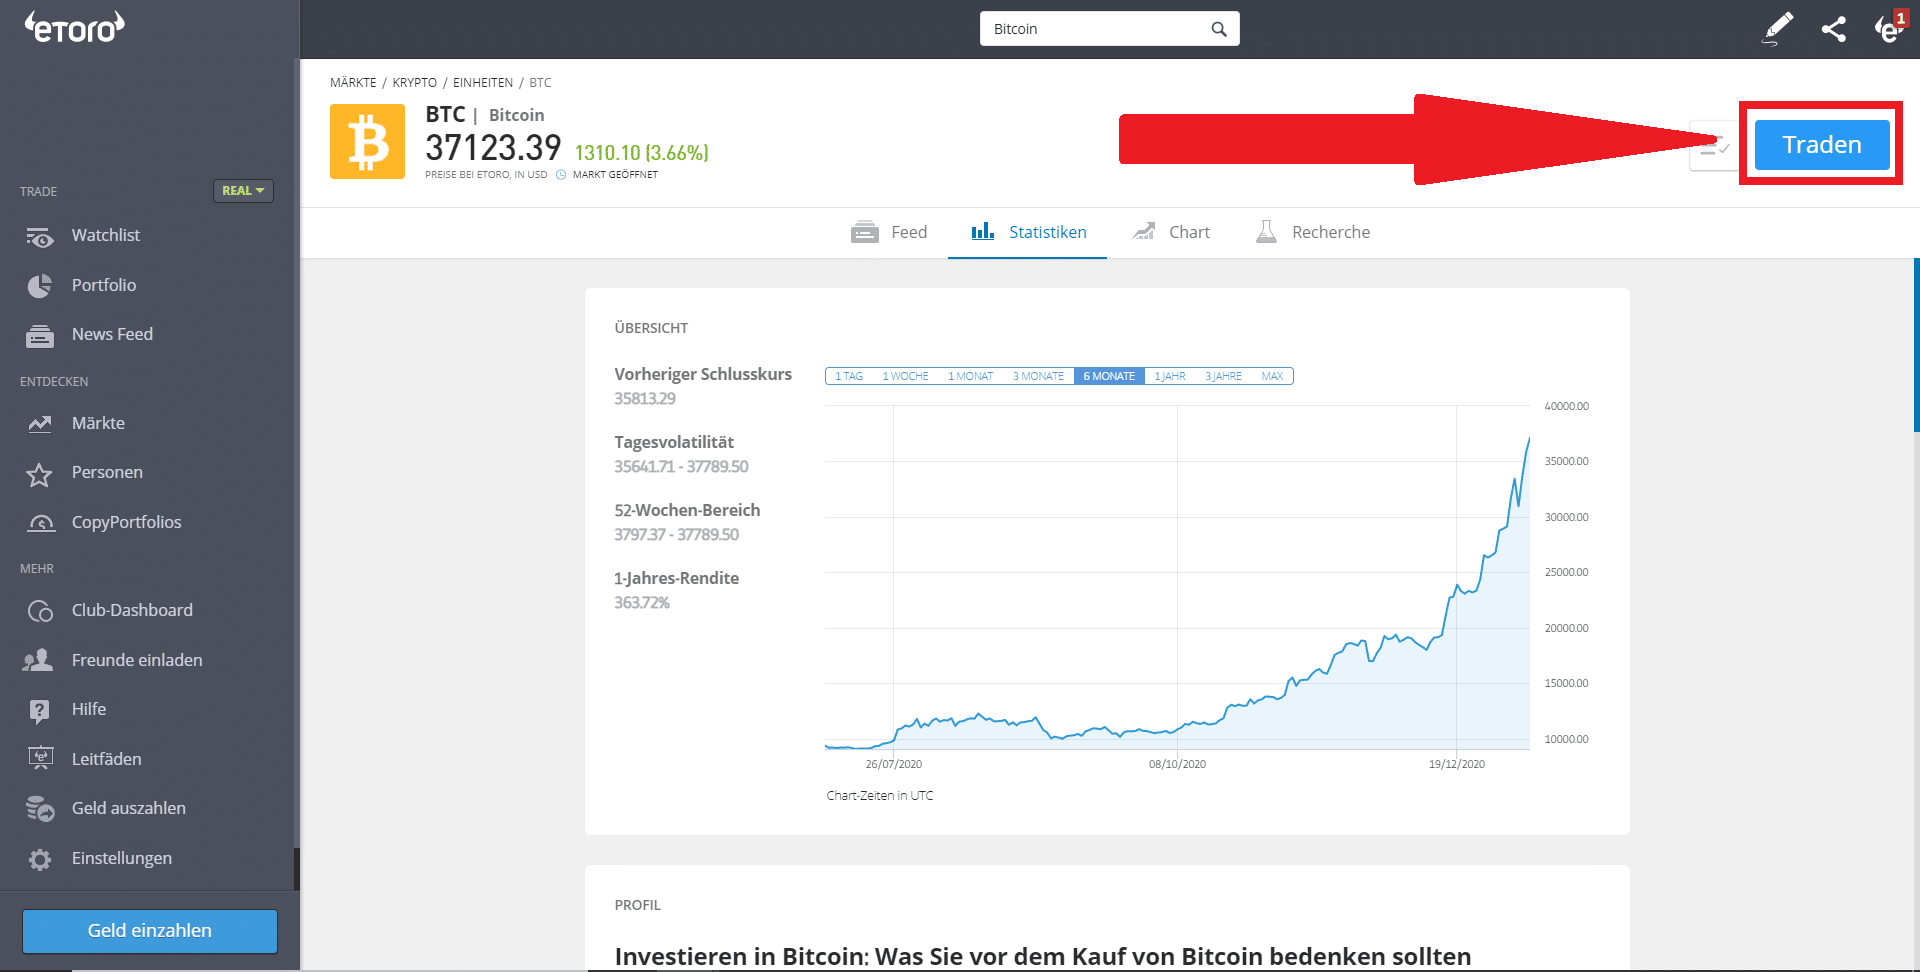 eToro Bitcoin kaufen traden